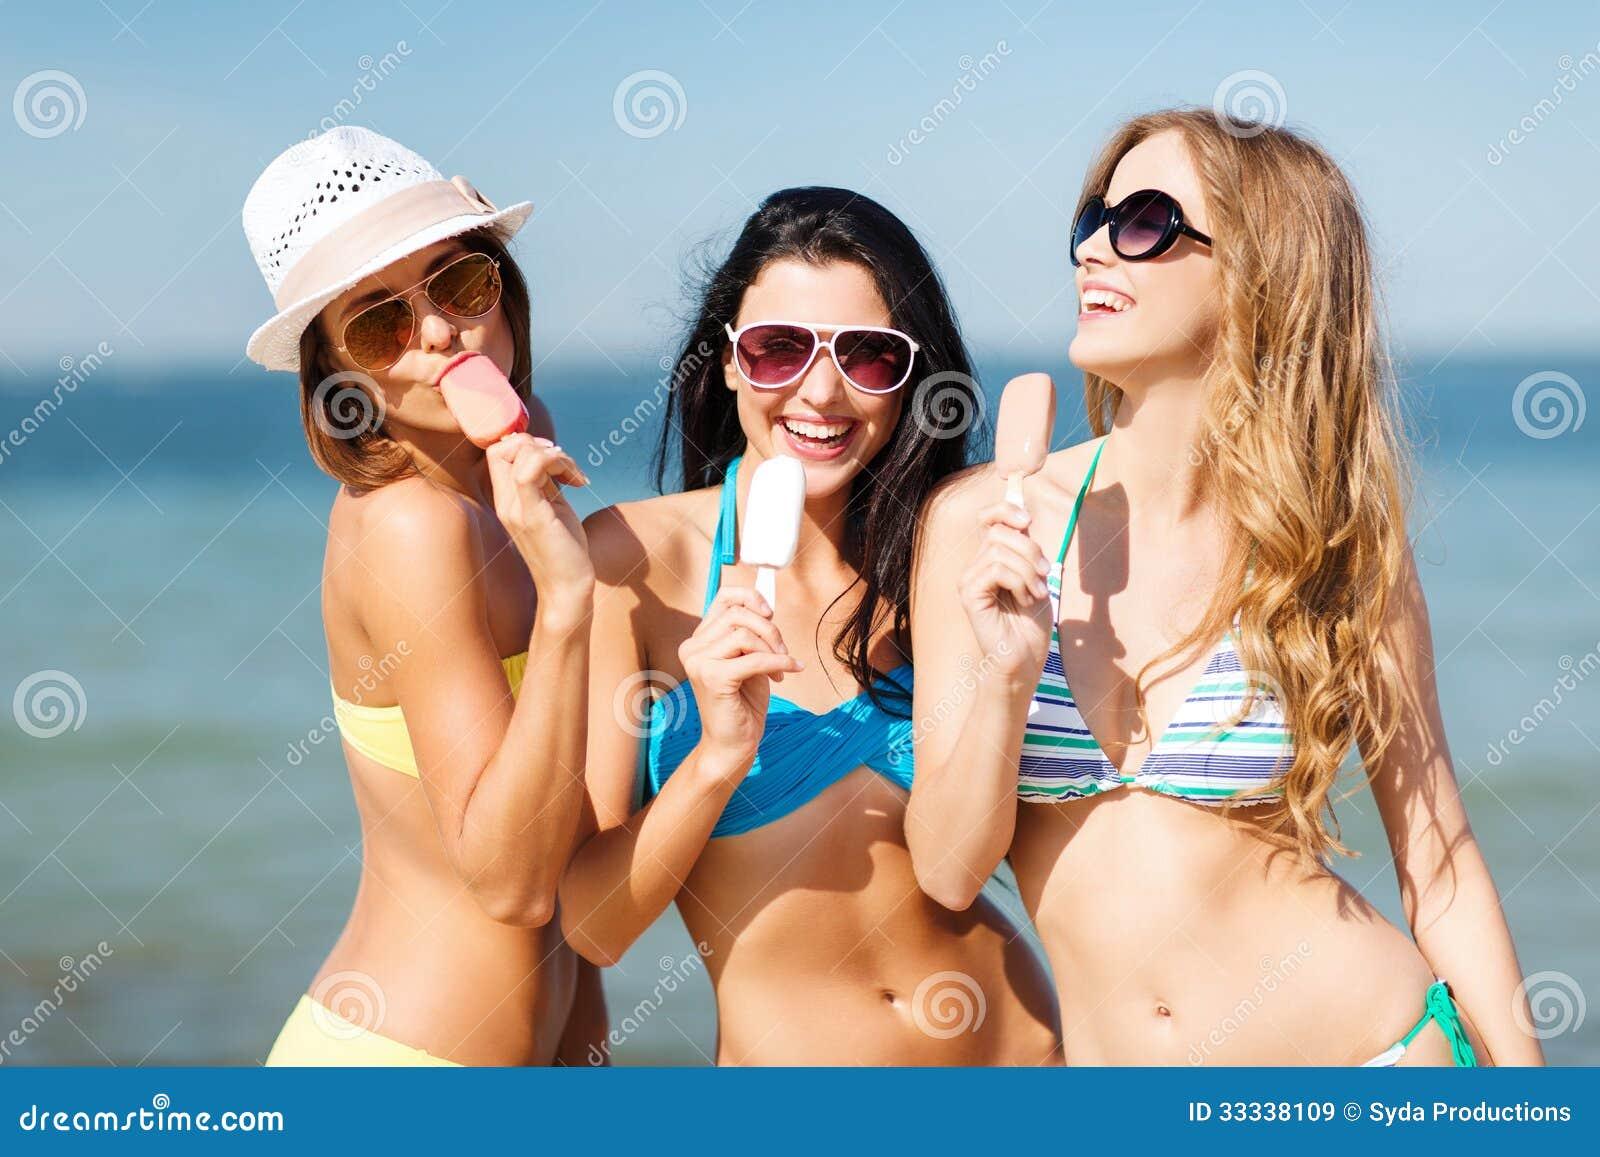 Четыре девушки на пляже 10 фотография